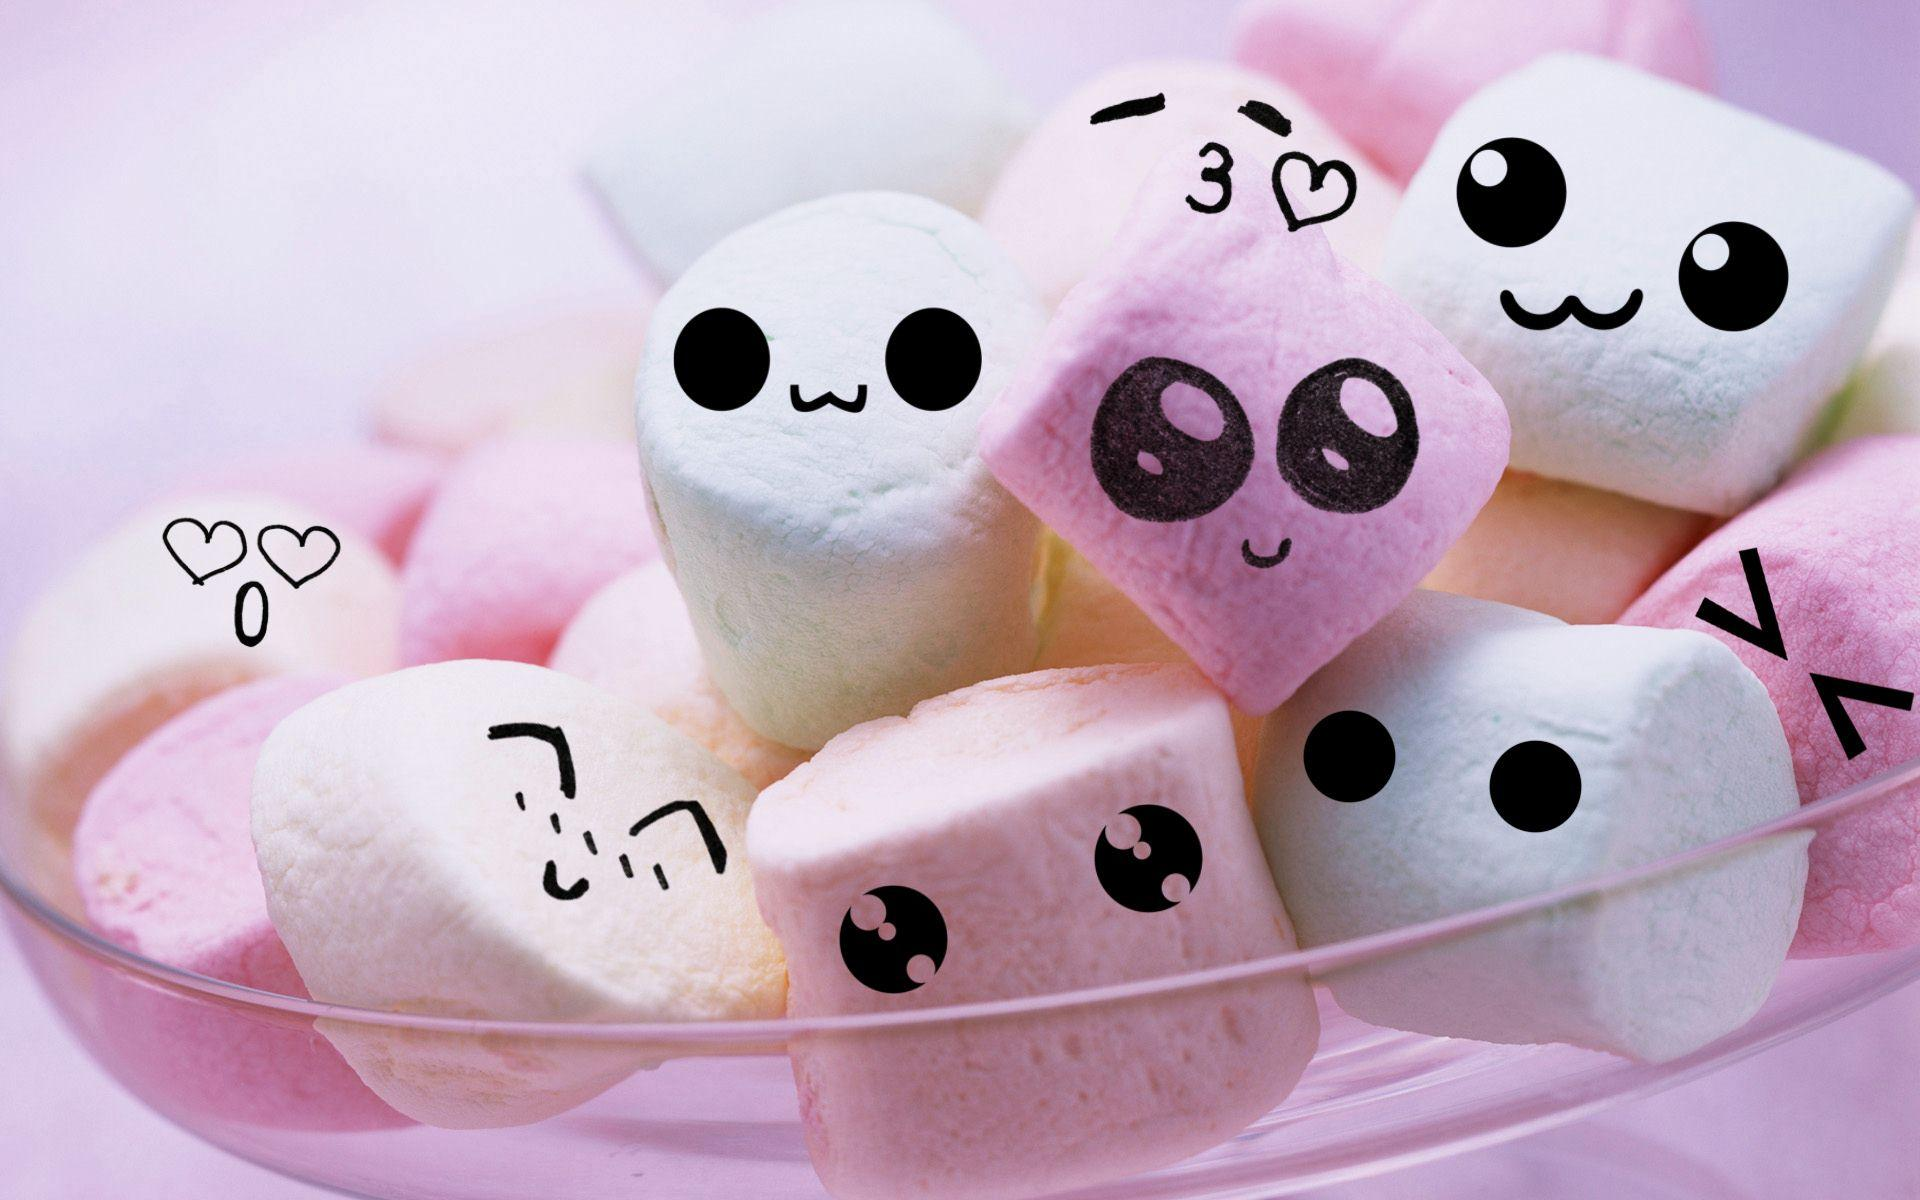 Marshmellows Marshmallows By Lieveheersbeestje On Deviantart Cute